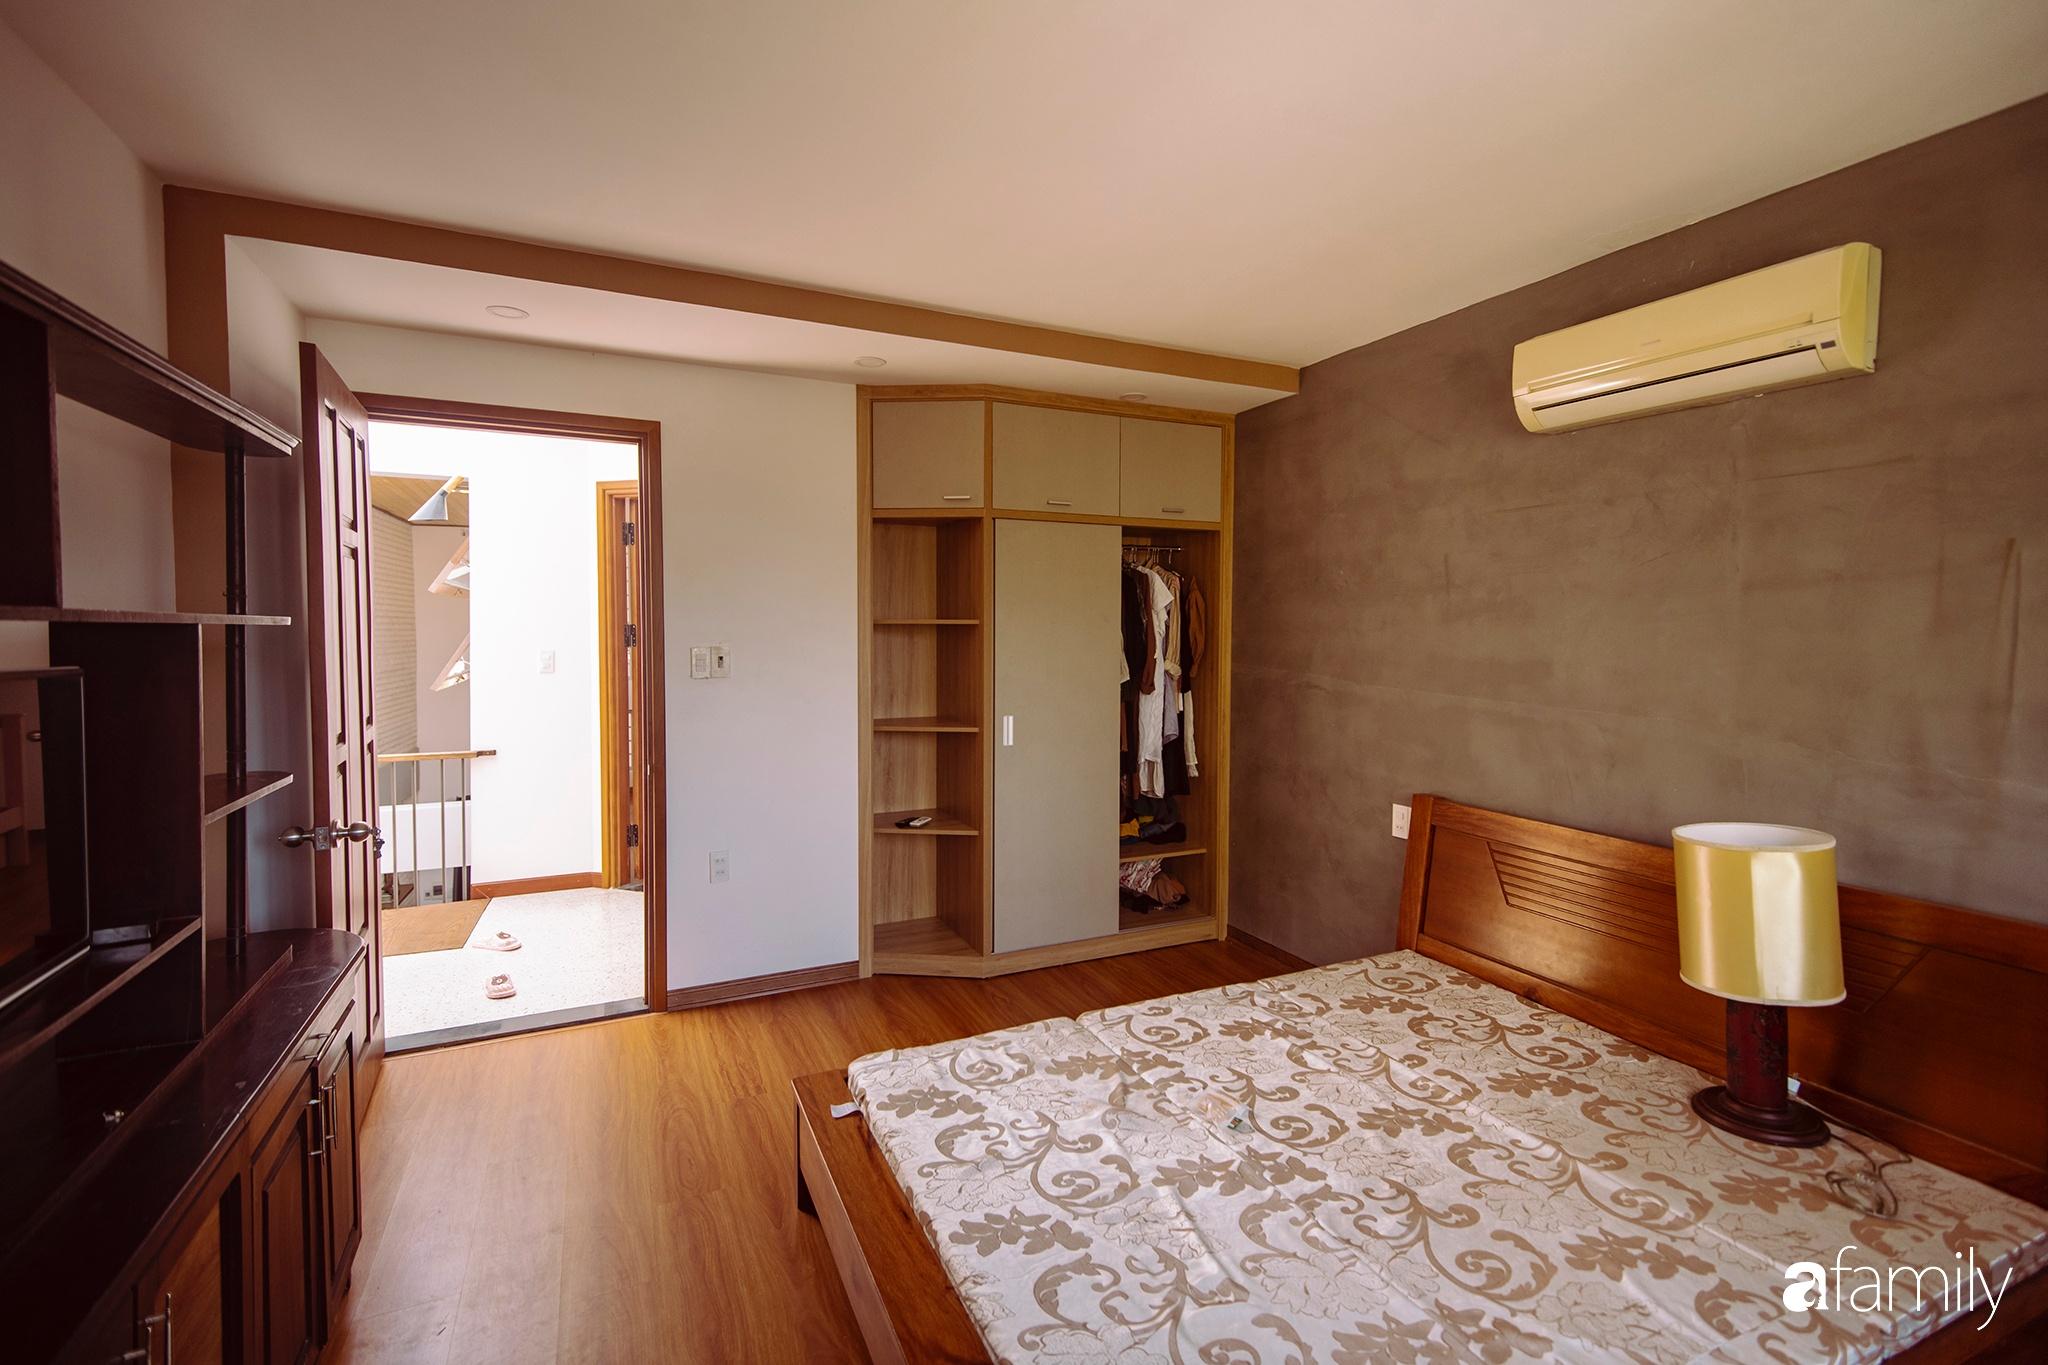 Ngôi nhà 80m² được xây dựng từ những ký ức tuổi thơ yên bình ở thành phố biển Đà Nẵng - Ảnh 14.